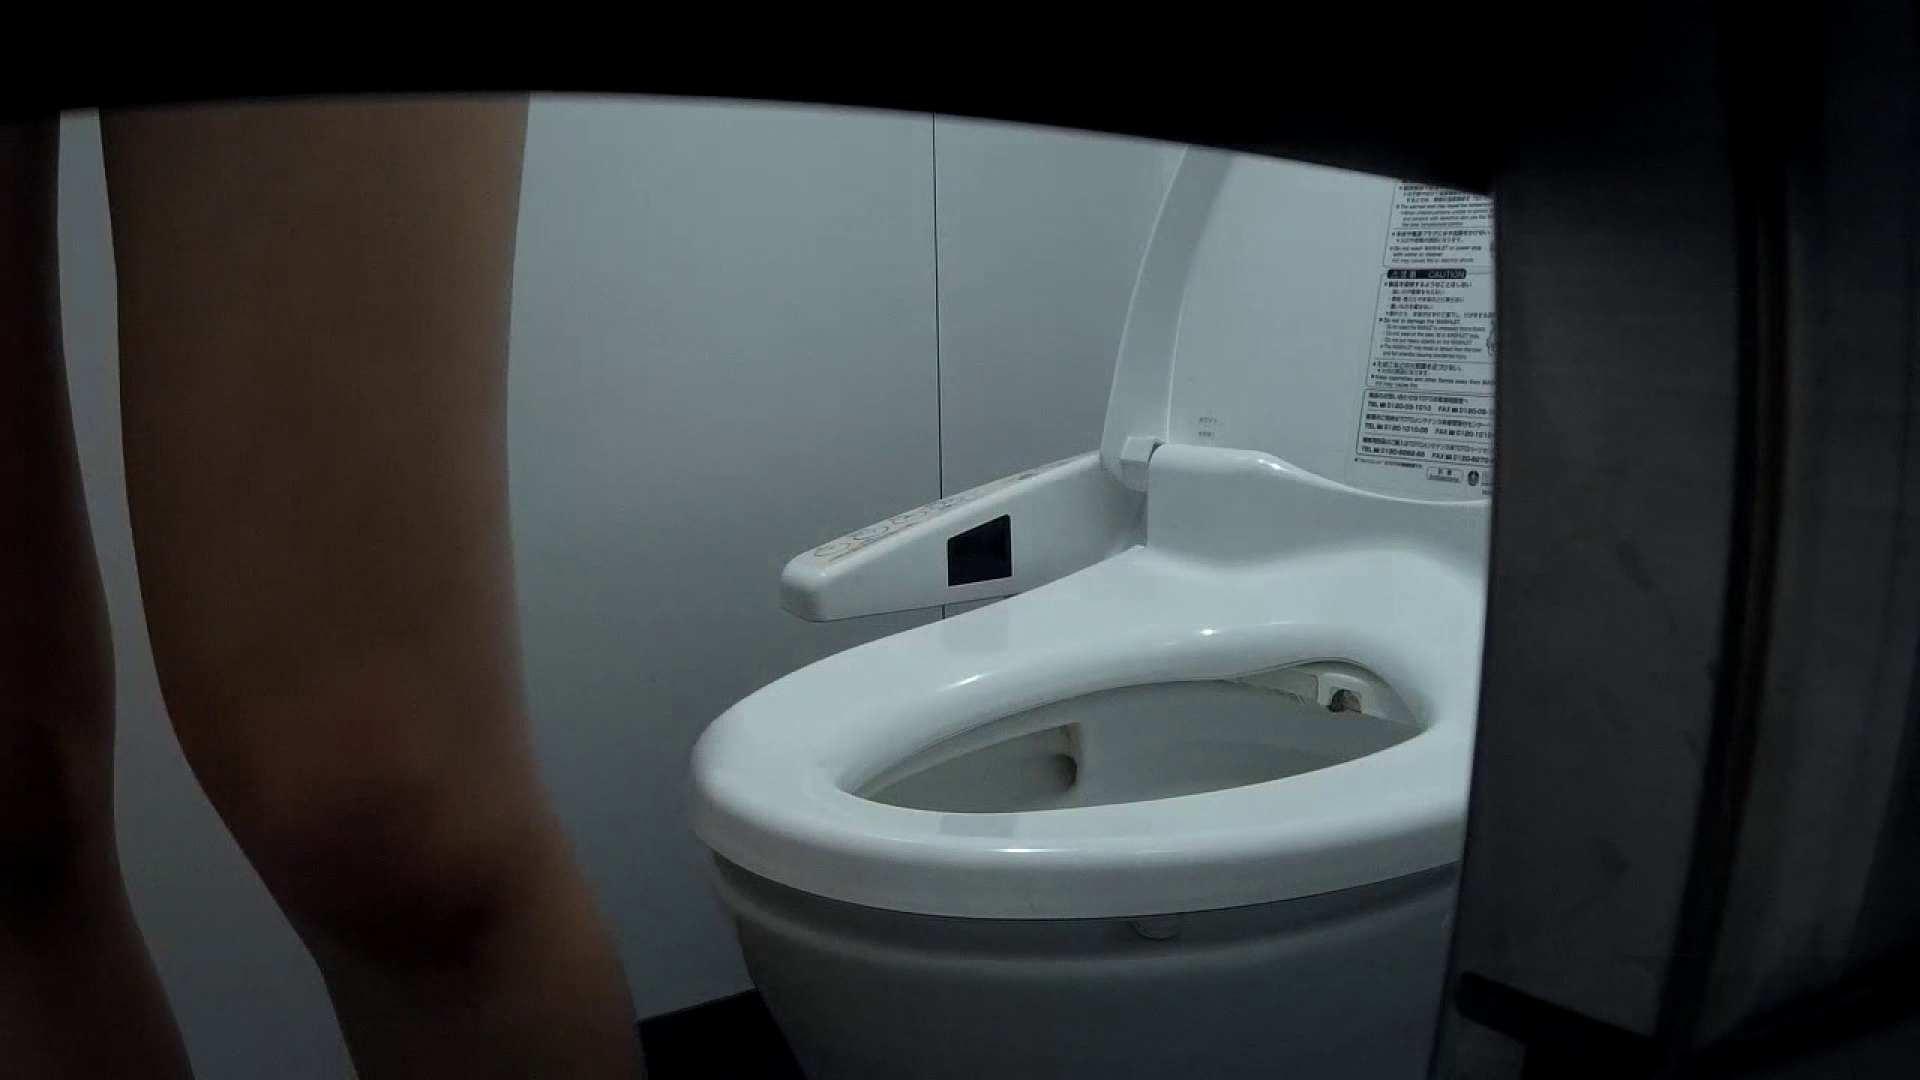 有名大学女性洗面所 vol.37 ついでにアンダーヘアーの状態確認ですね。 投稿 SEX無修正画像 105画像 88